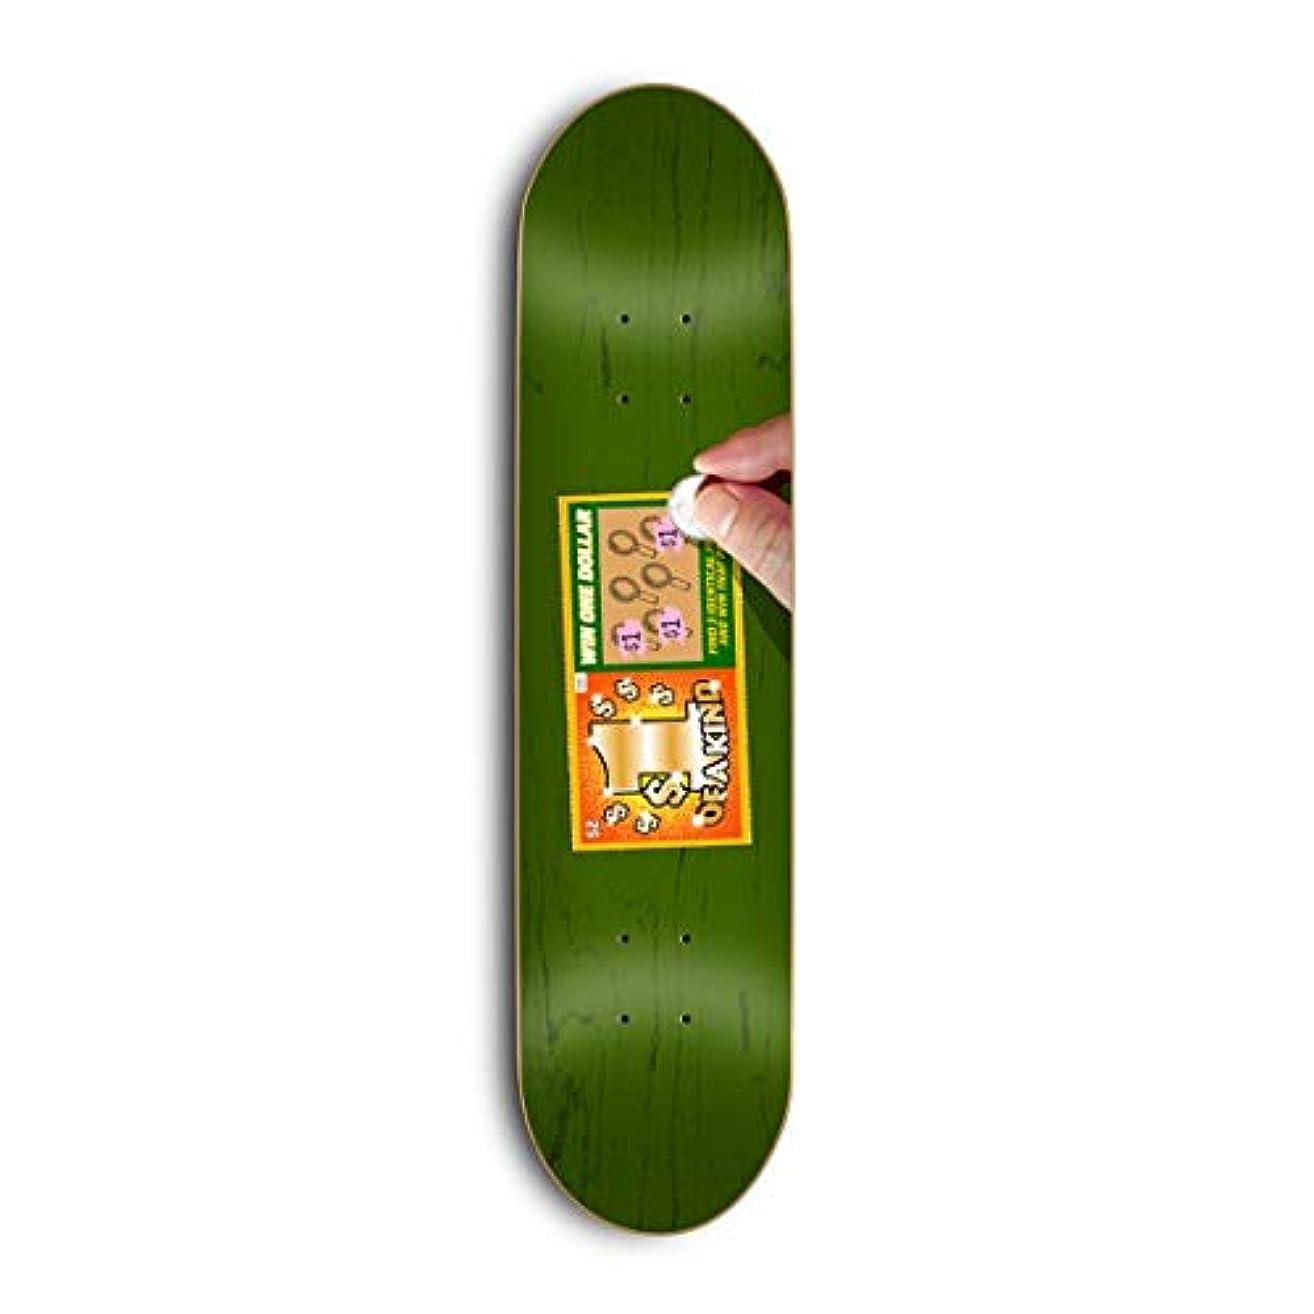 クレアタワーかき混ぜるSkate Mental スケートボードデッキ Kleppan Scratcher 8.375インチ